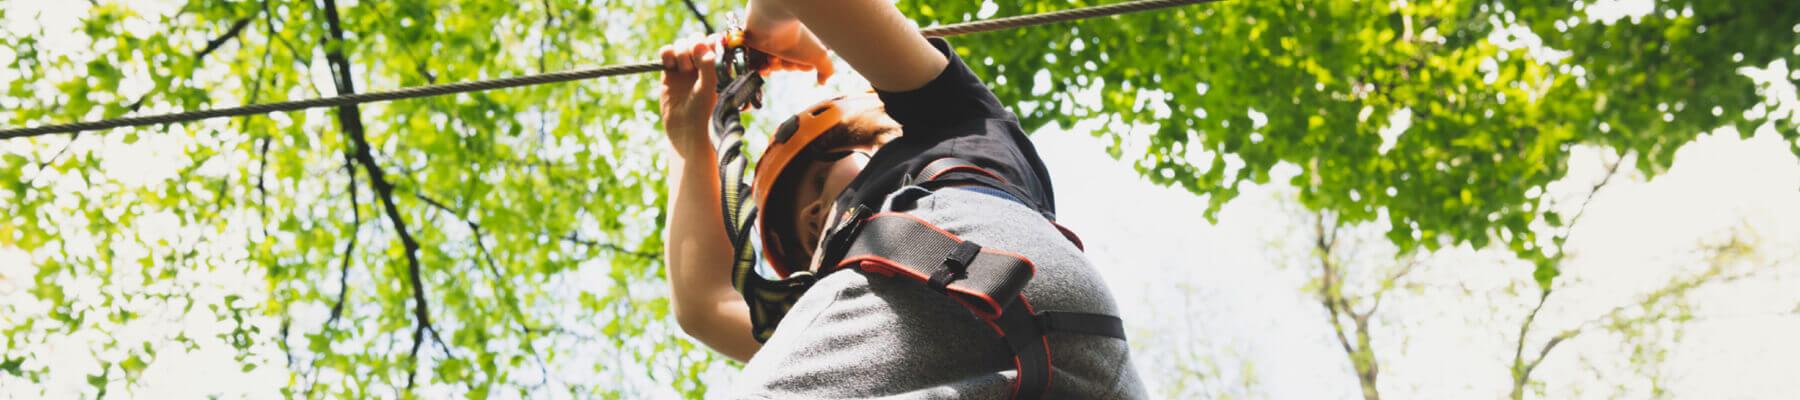 avontuur:touwbrug bedwingen